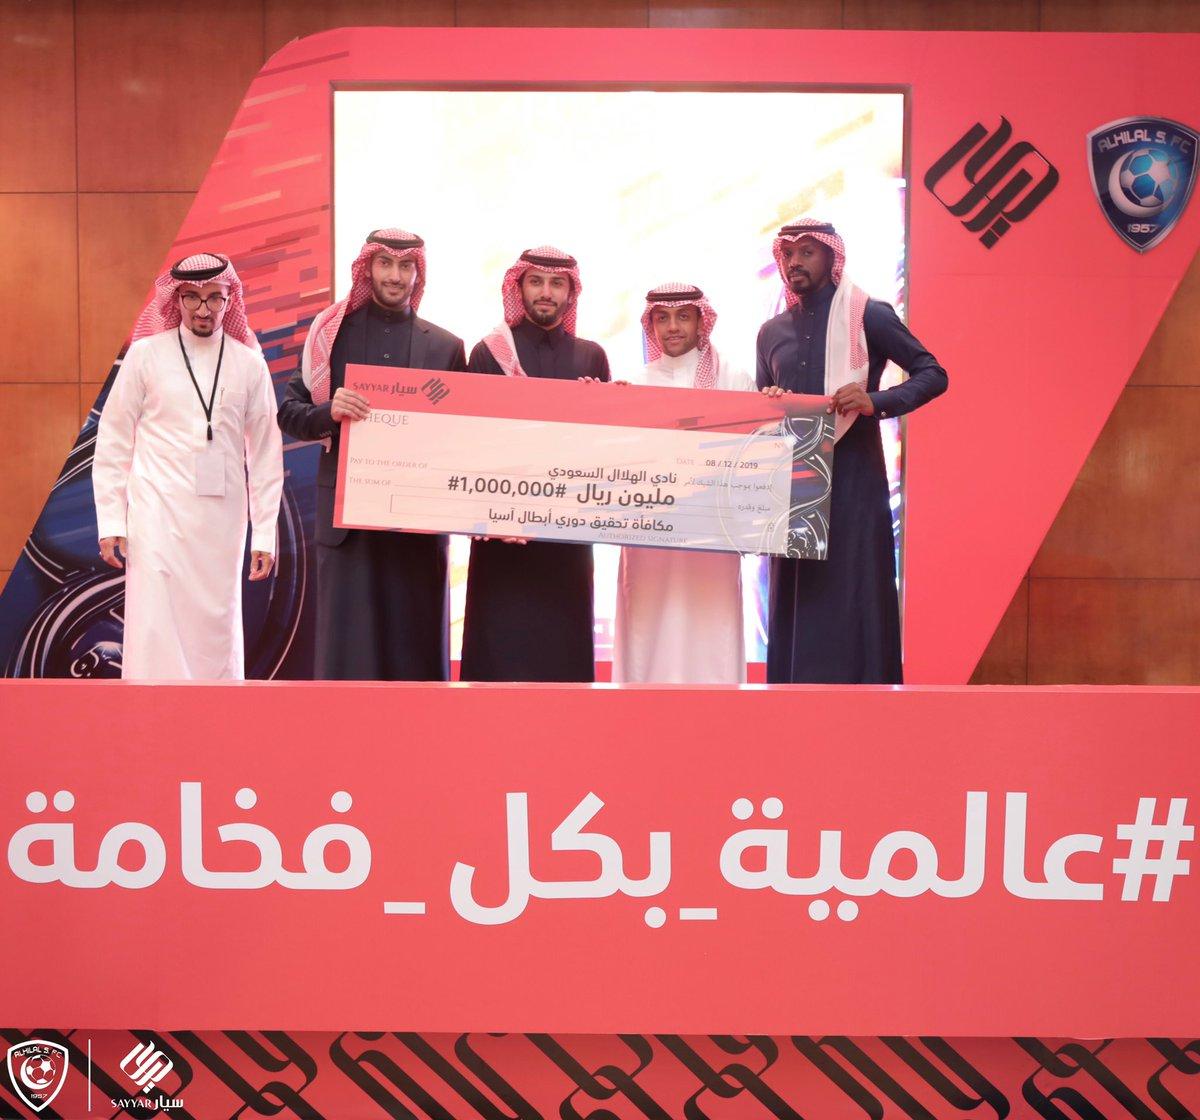 بمناسبة #عالميه_بكل_فخامه#سيار يهنئ #الهلال لحصوله على كأس دوري أبطال آسيا.. ويقدّم مليون ريال احتفاءً بالإنجاز السعودي 💚💙